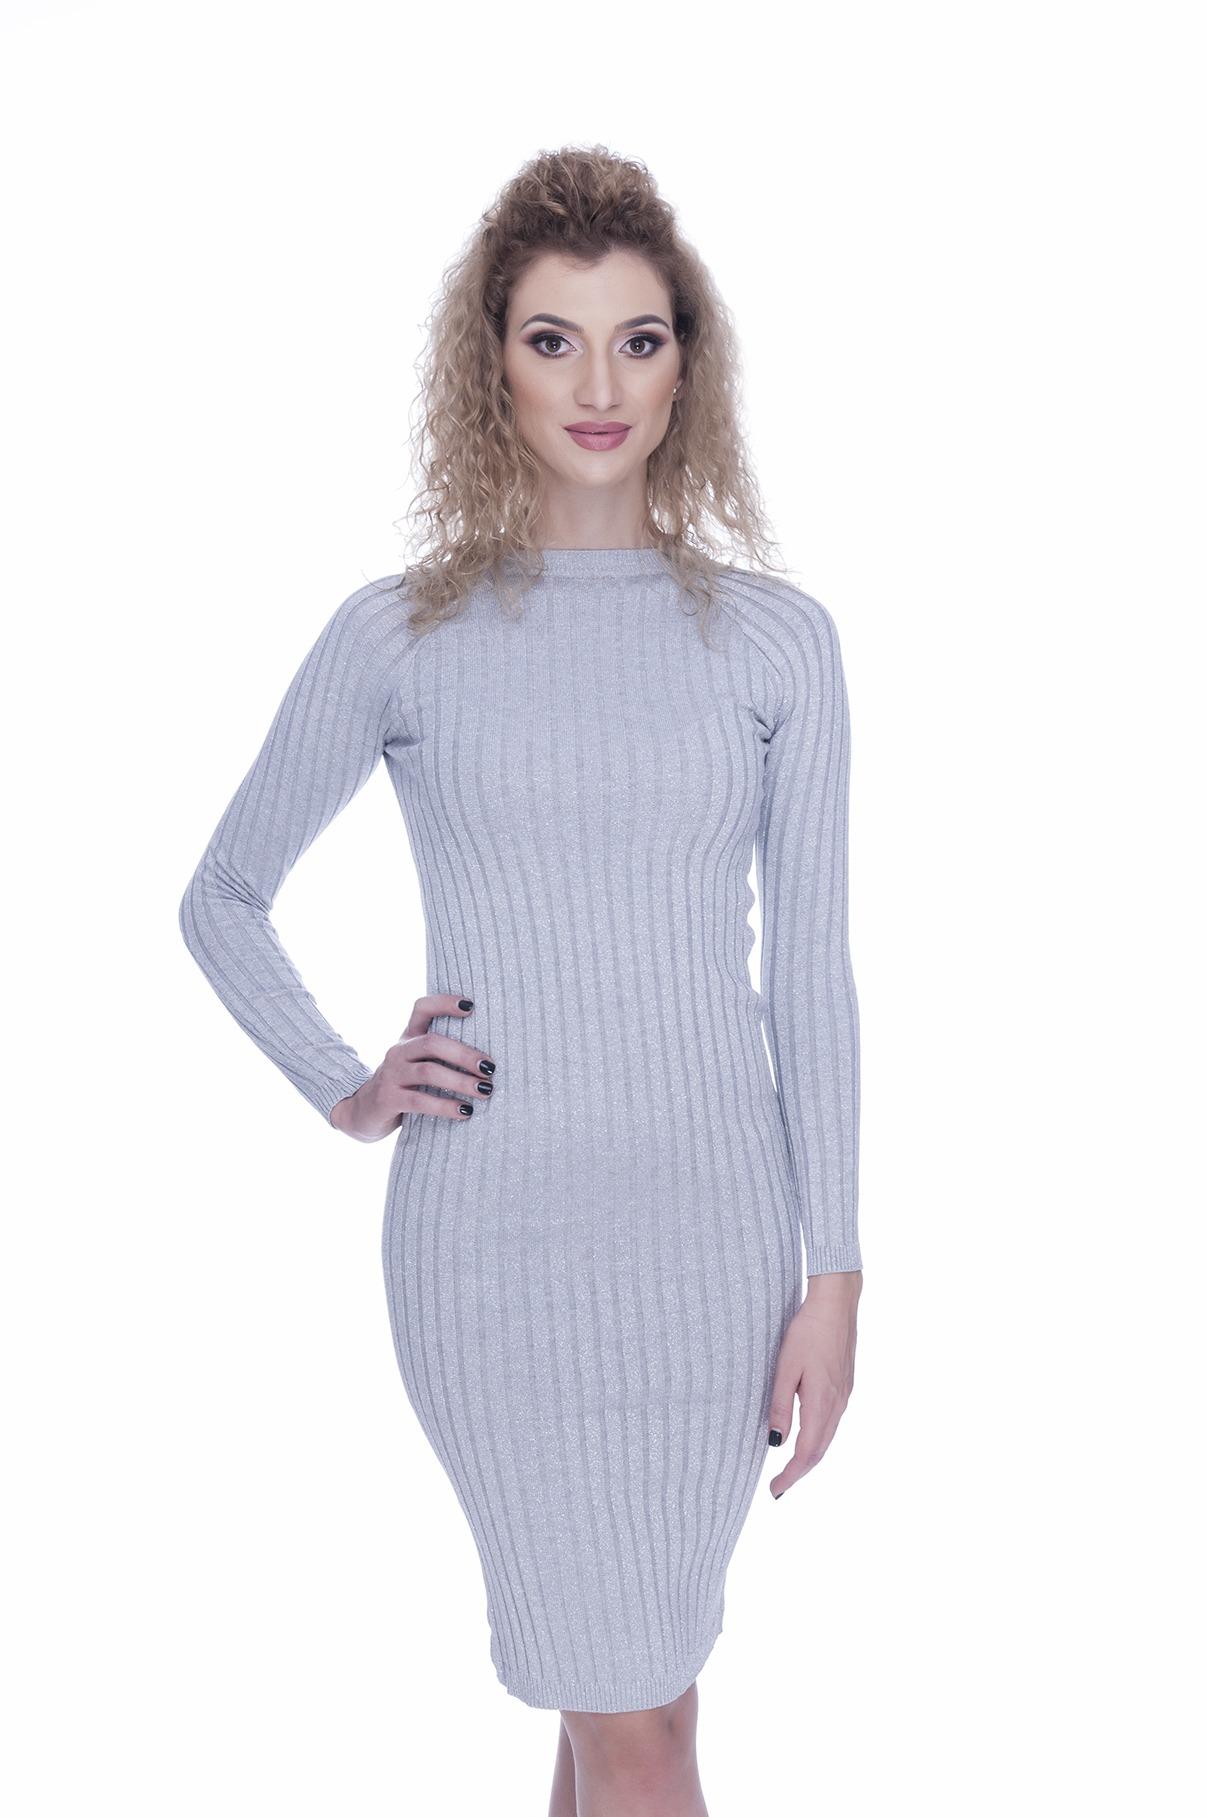 farmecul costurilor reducere uriașă produse de calitate Rochie tricotata gri eleganta | MyFashionizer